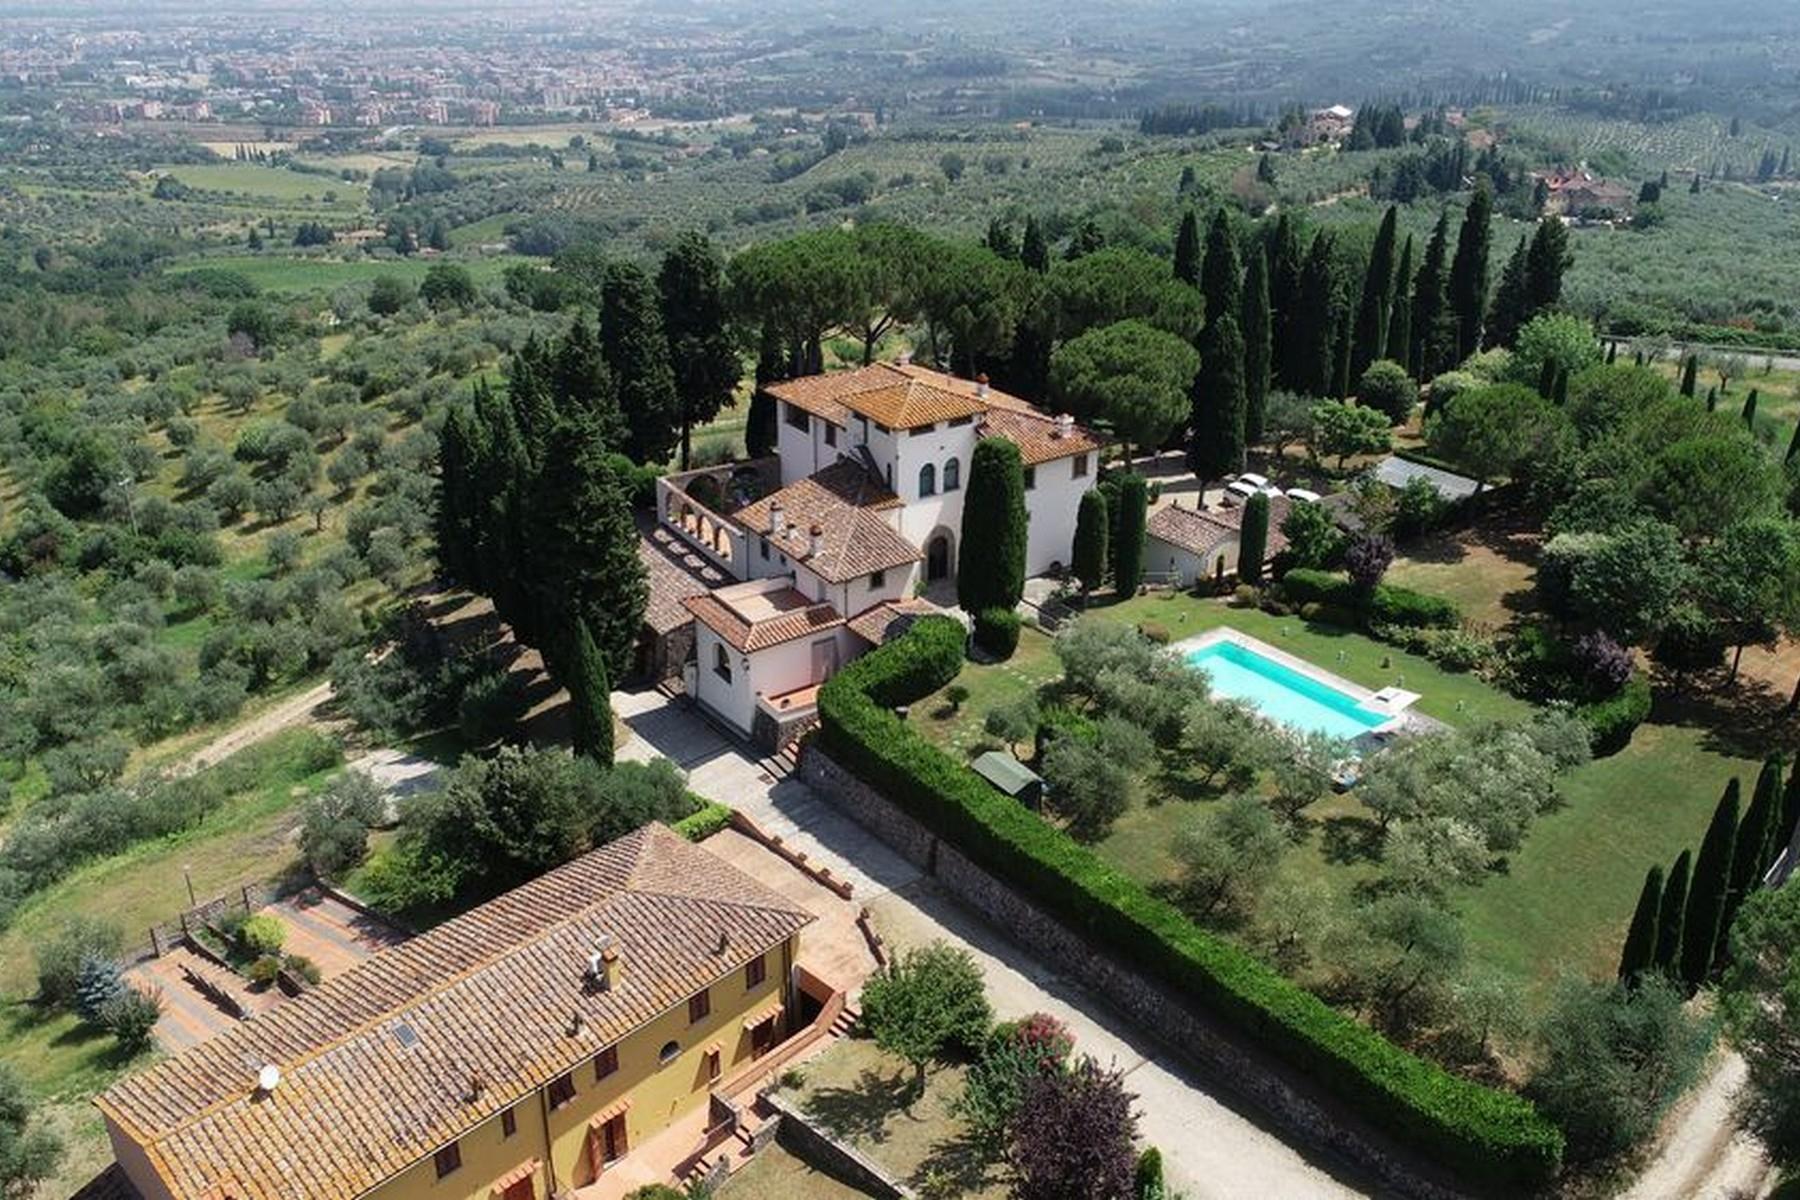 Maestosa Villa Rinascimentale sulle Colline Fiorentine con Cantina e Vigneto - 1